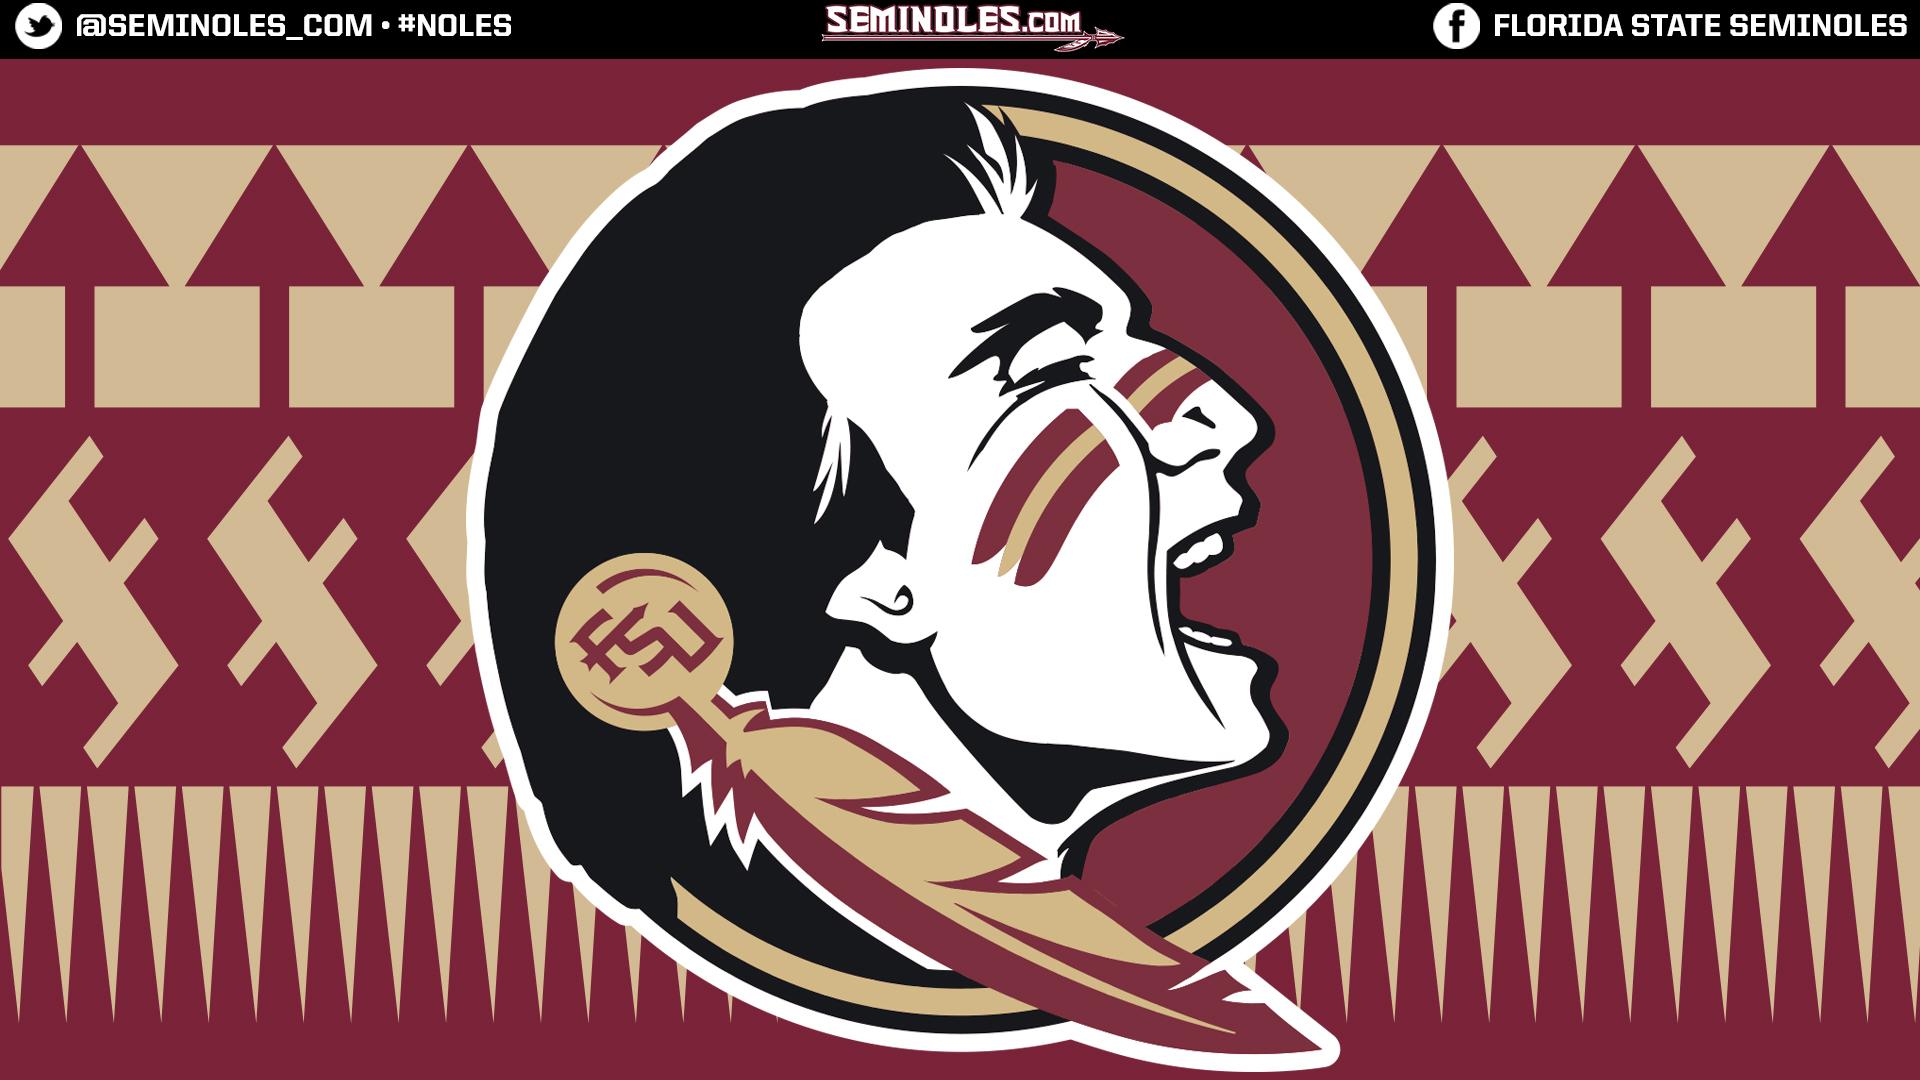 Seminoles com desktop wallpapers. Florida clipart seminole nation